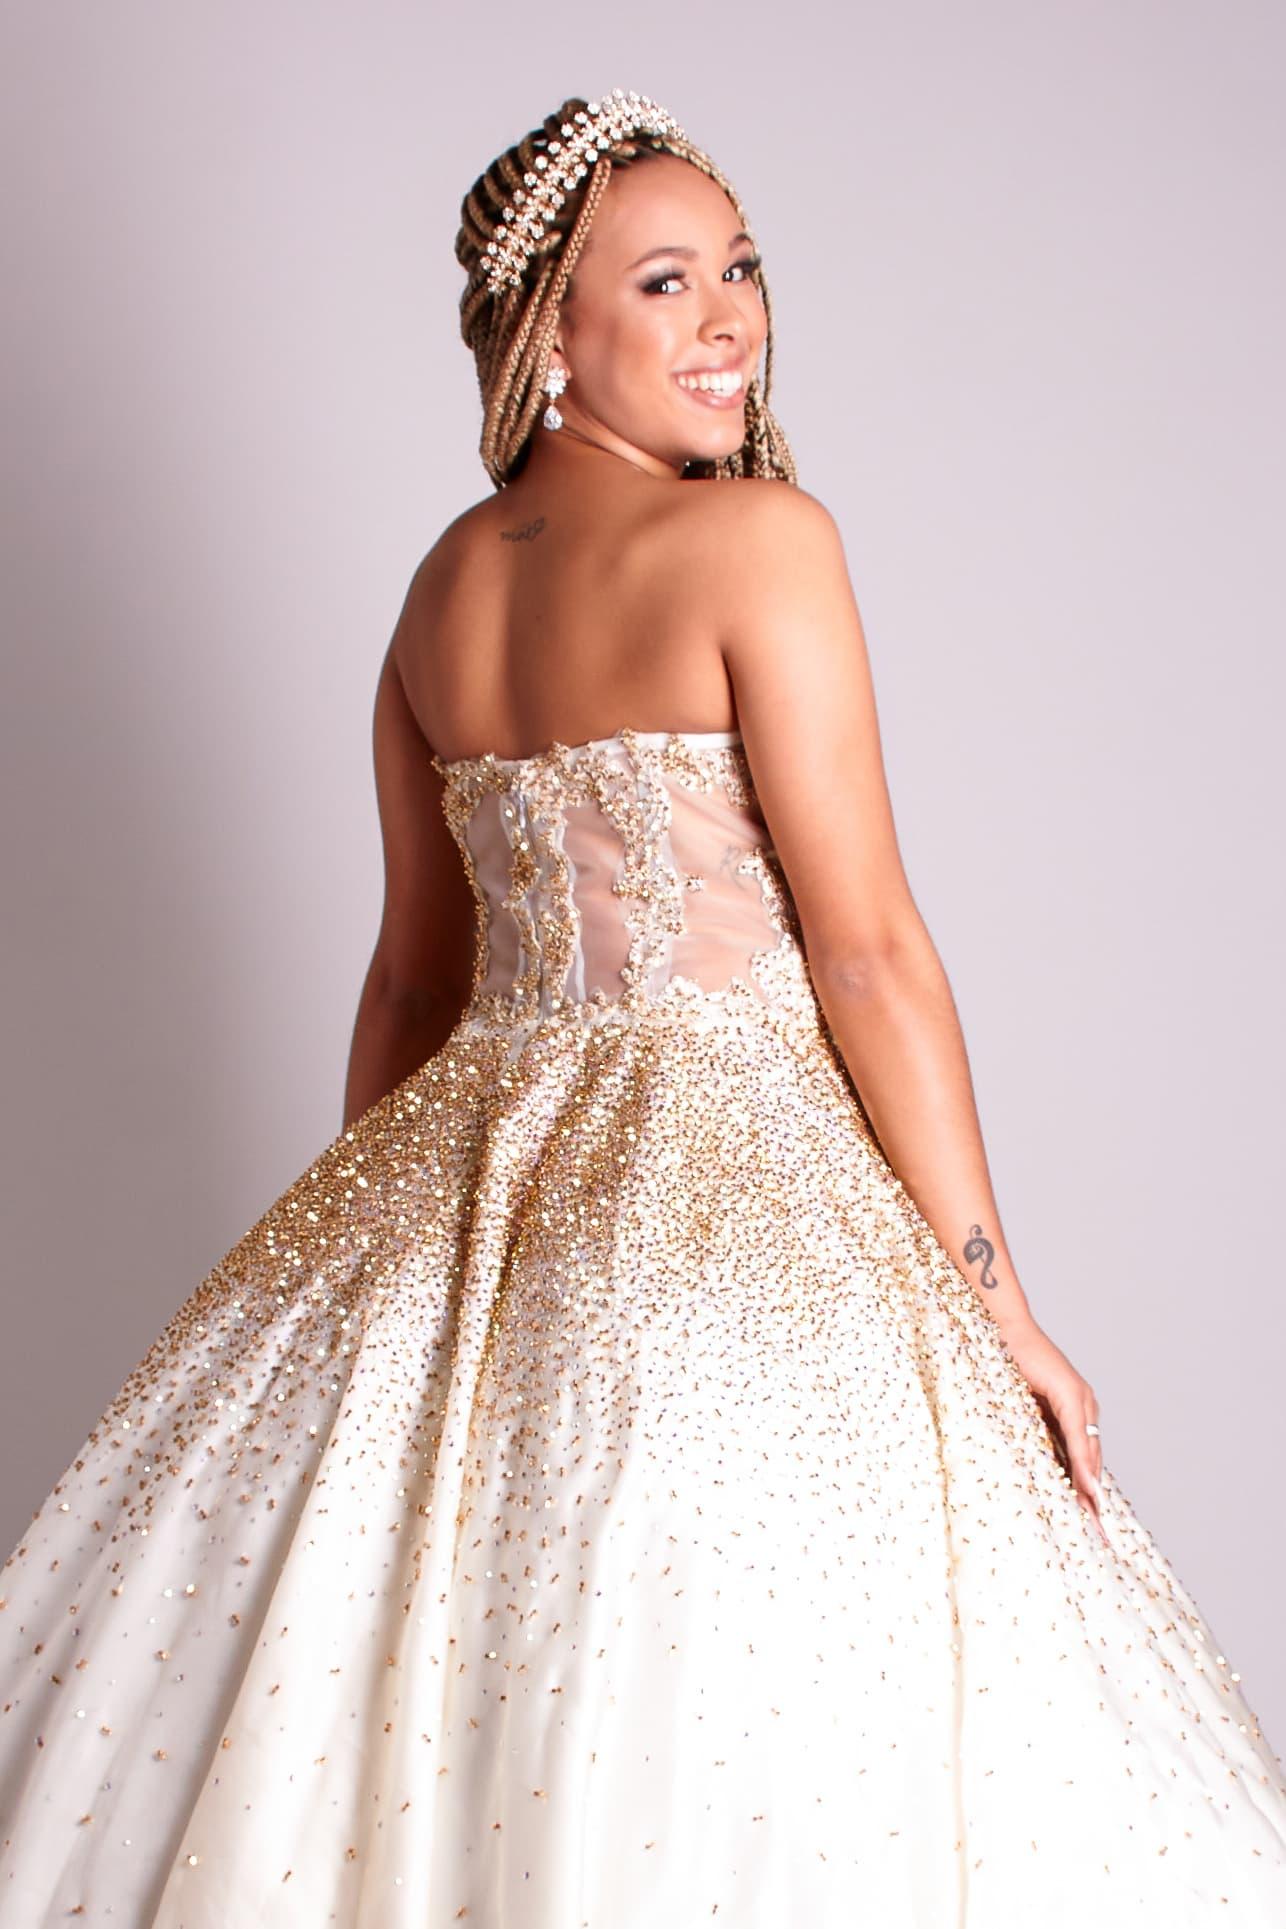 6 - Vestido de valsa offwhite bordado à mão em cristais dourados